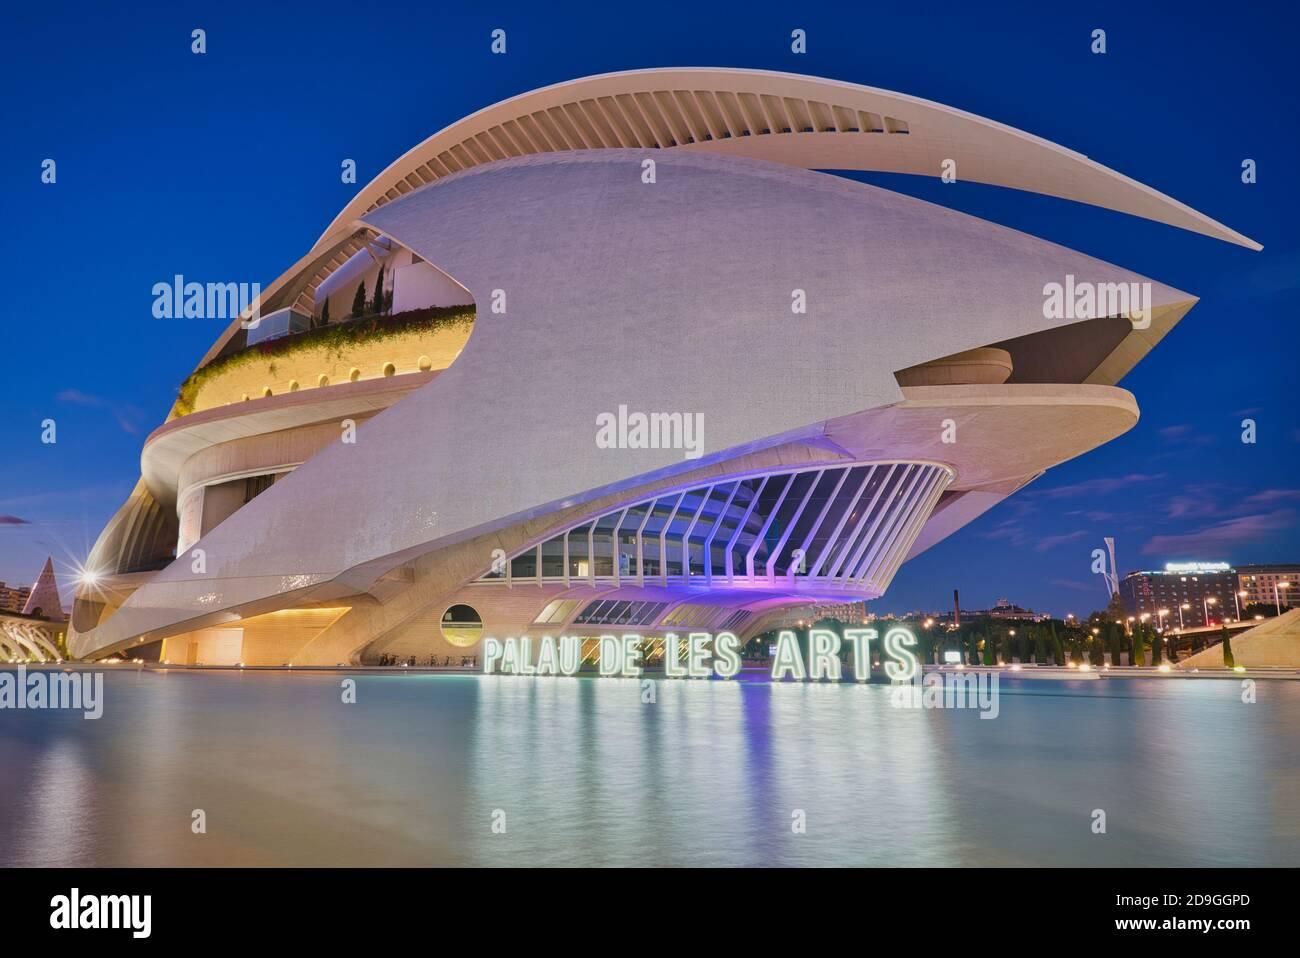 Photo du Palau de les Arts de Valence à heure bleue Banque D'Images